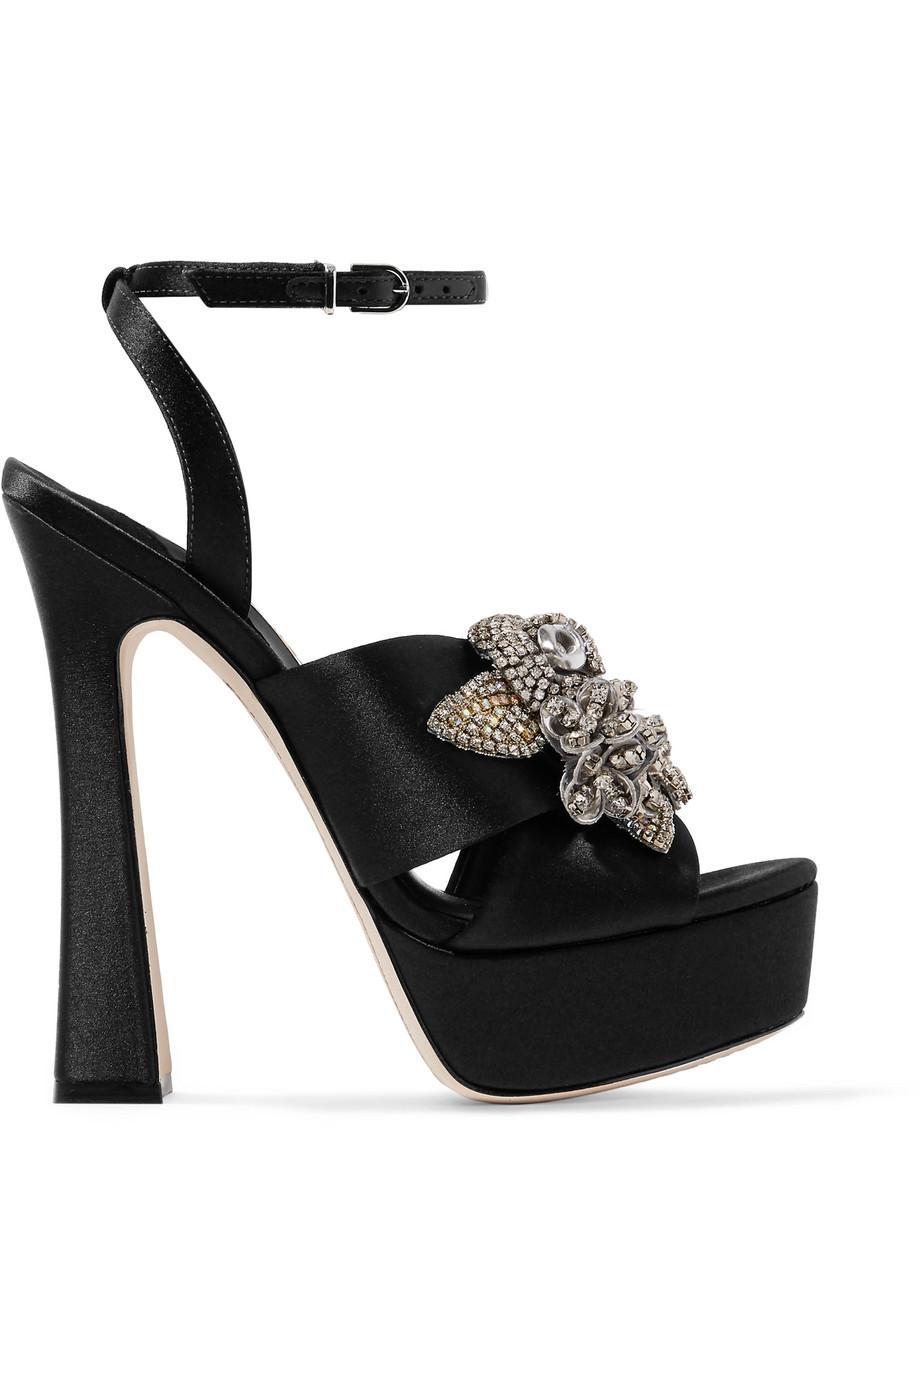 5dd058c42e8 Sophia Webster Lilico Crystal-embellished Satin Platform Sandals Black